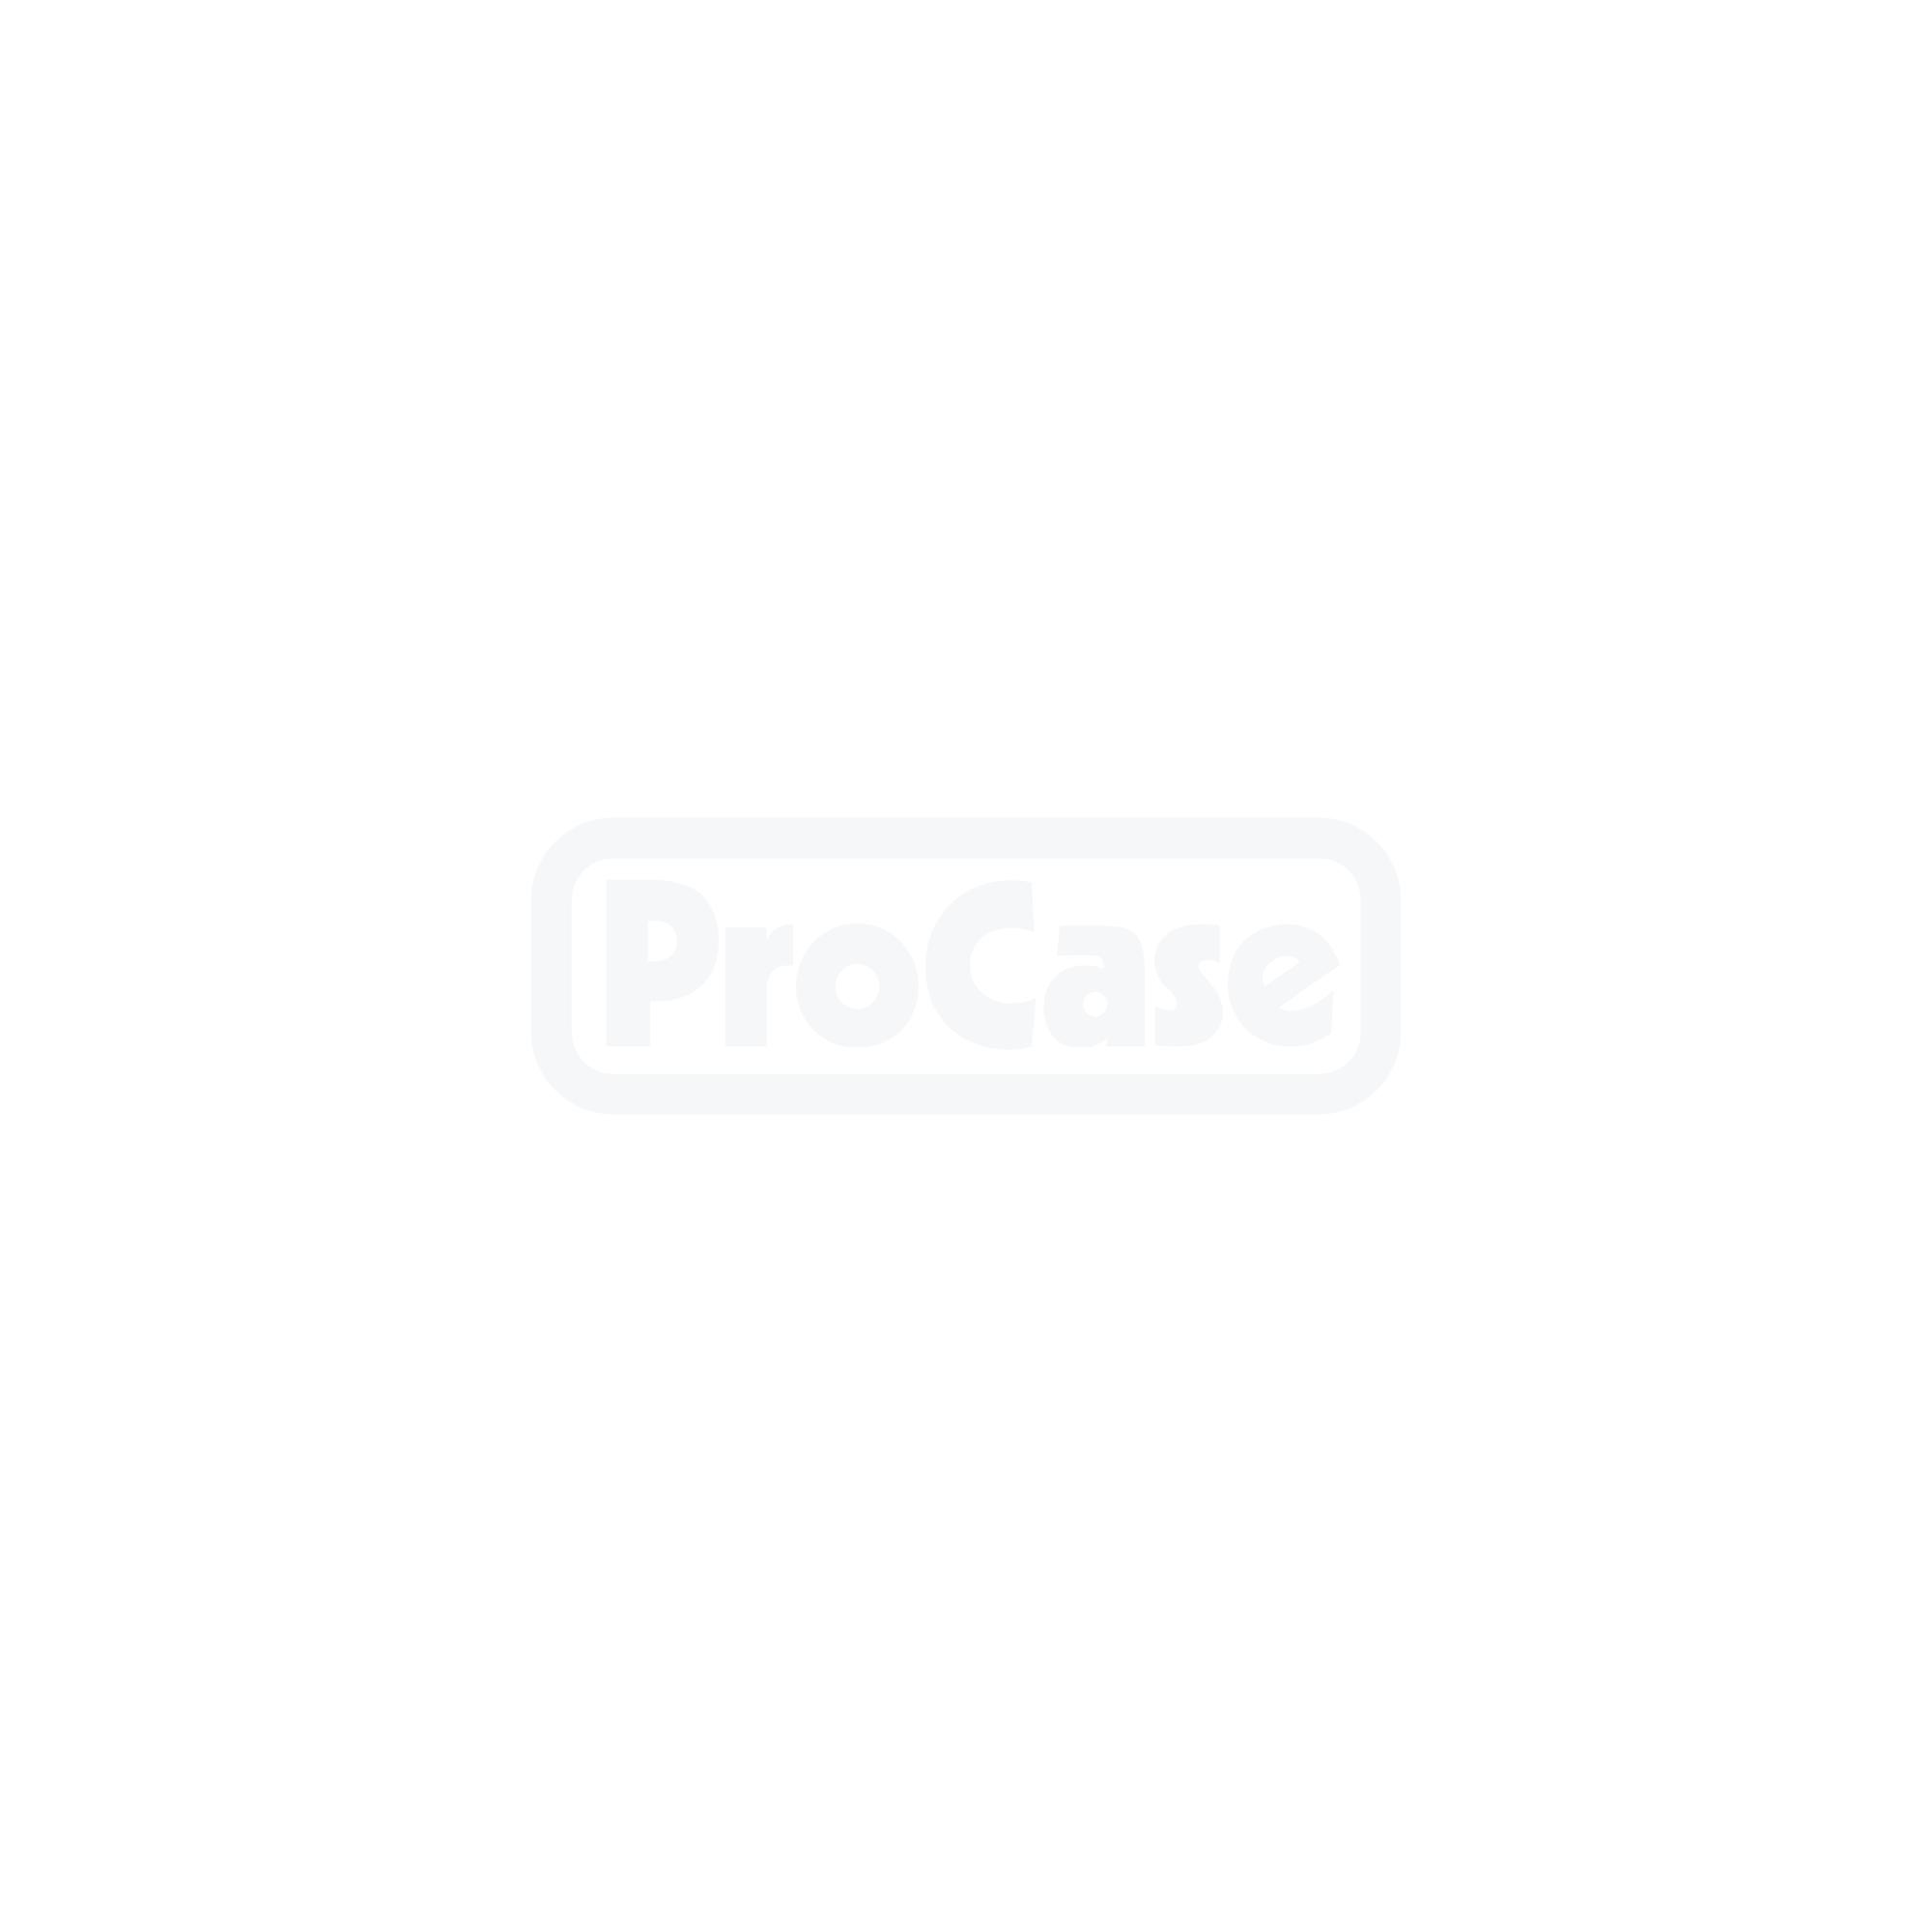 Flipcase für Allen&Heath dLive S7000 3